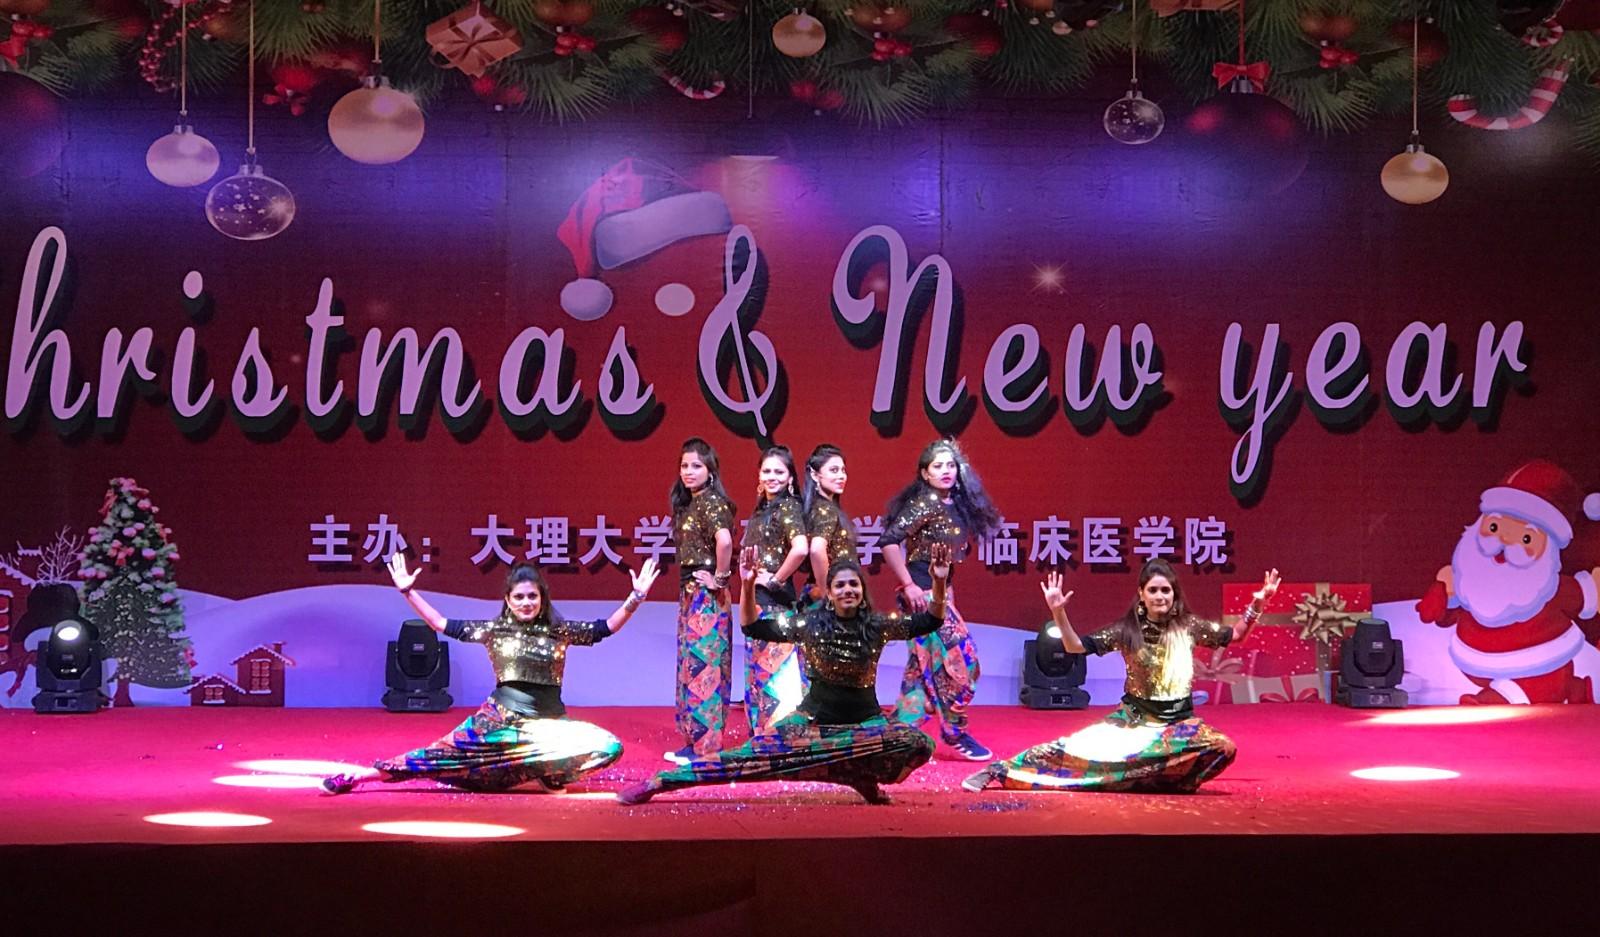 2016年留学生圣诞晚会印度舞蹈(2016.12.24).jpg